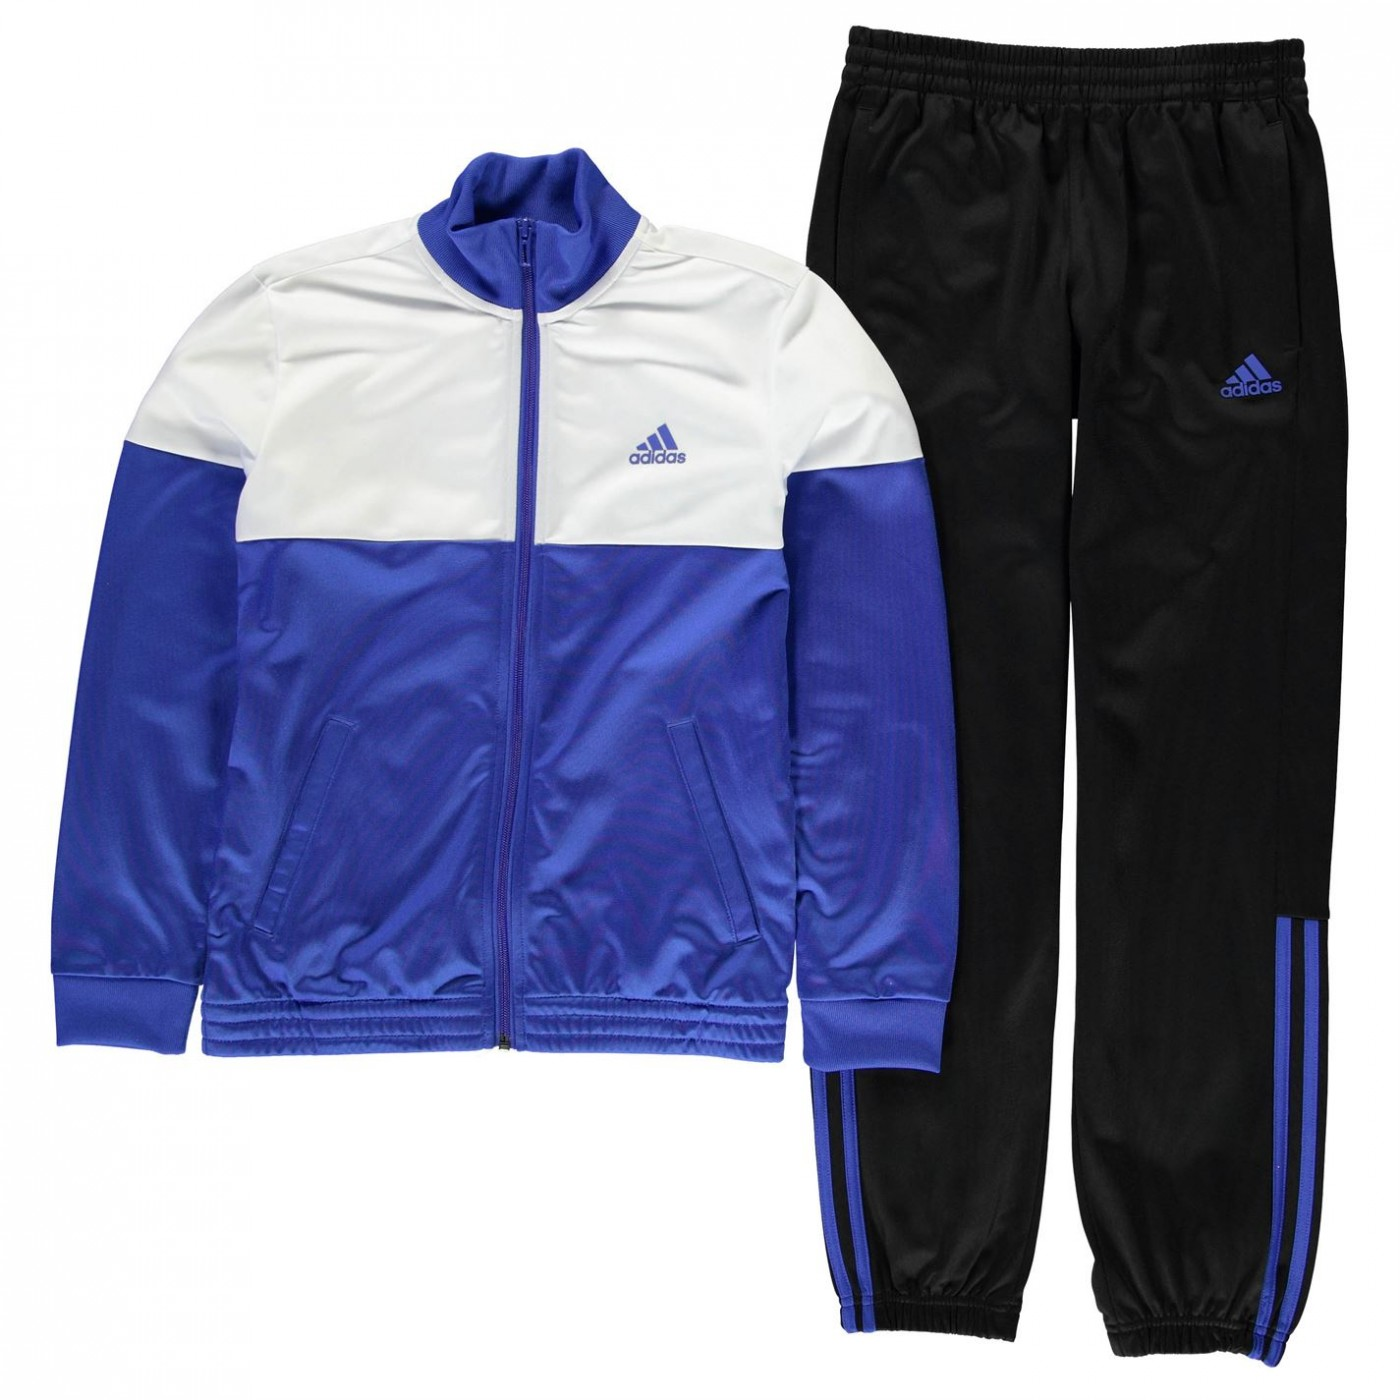 f3266641267 Adidas - Tiberio Tracksuit Junior Boys